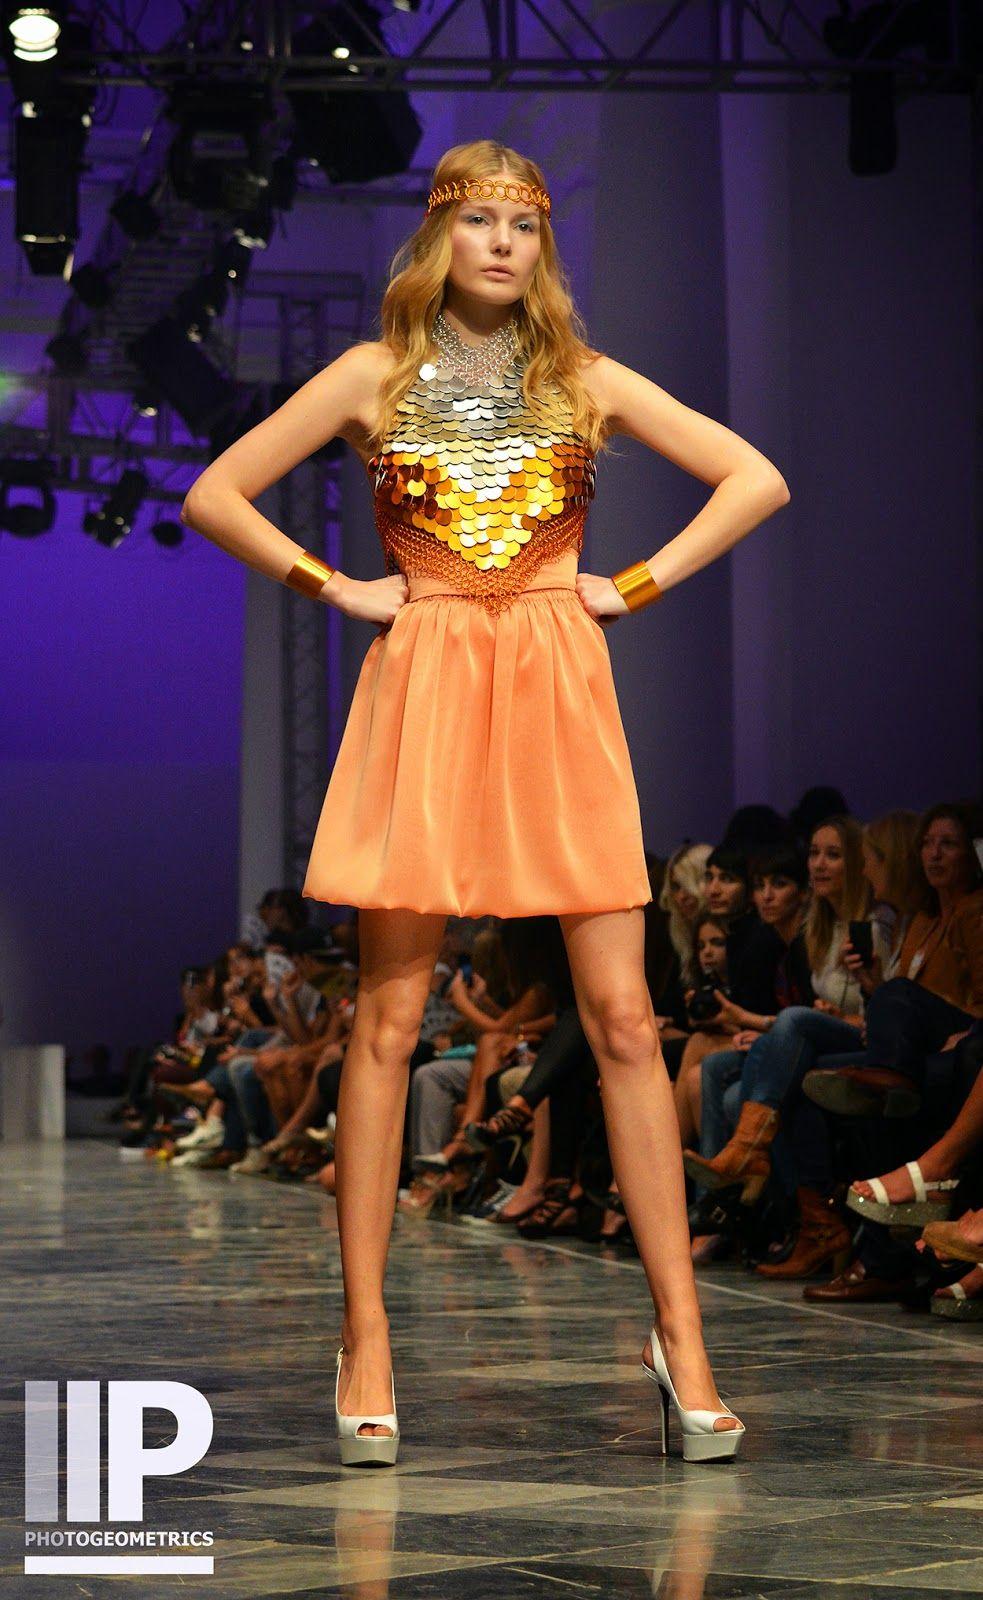 Disco Gloss: Anillarte for Valencia Fashion Week XVII | Photogeometrics Photography http://photogeometrics.blogspot.com.es/2014/10/disco-gloss-anillarte-for-valencia.html